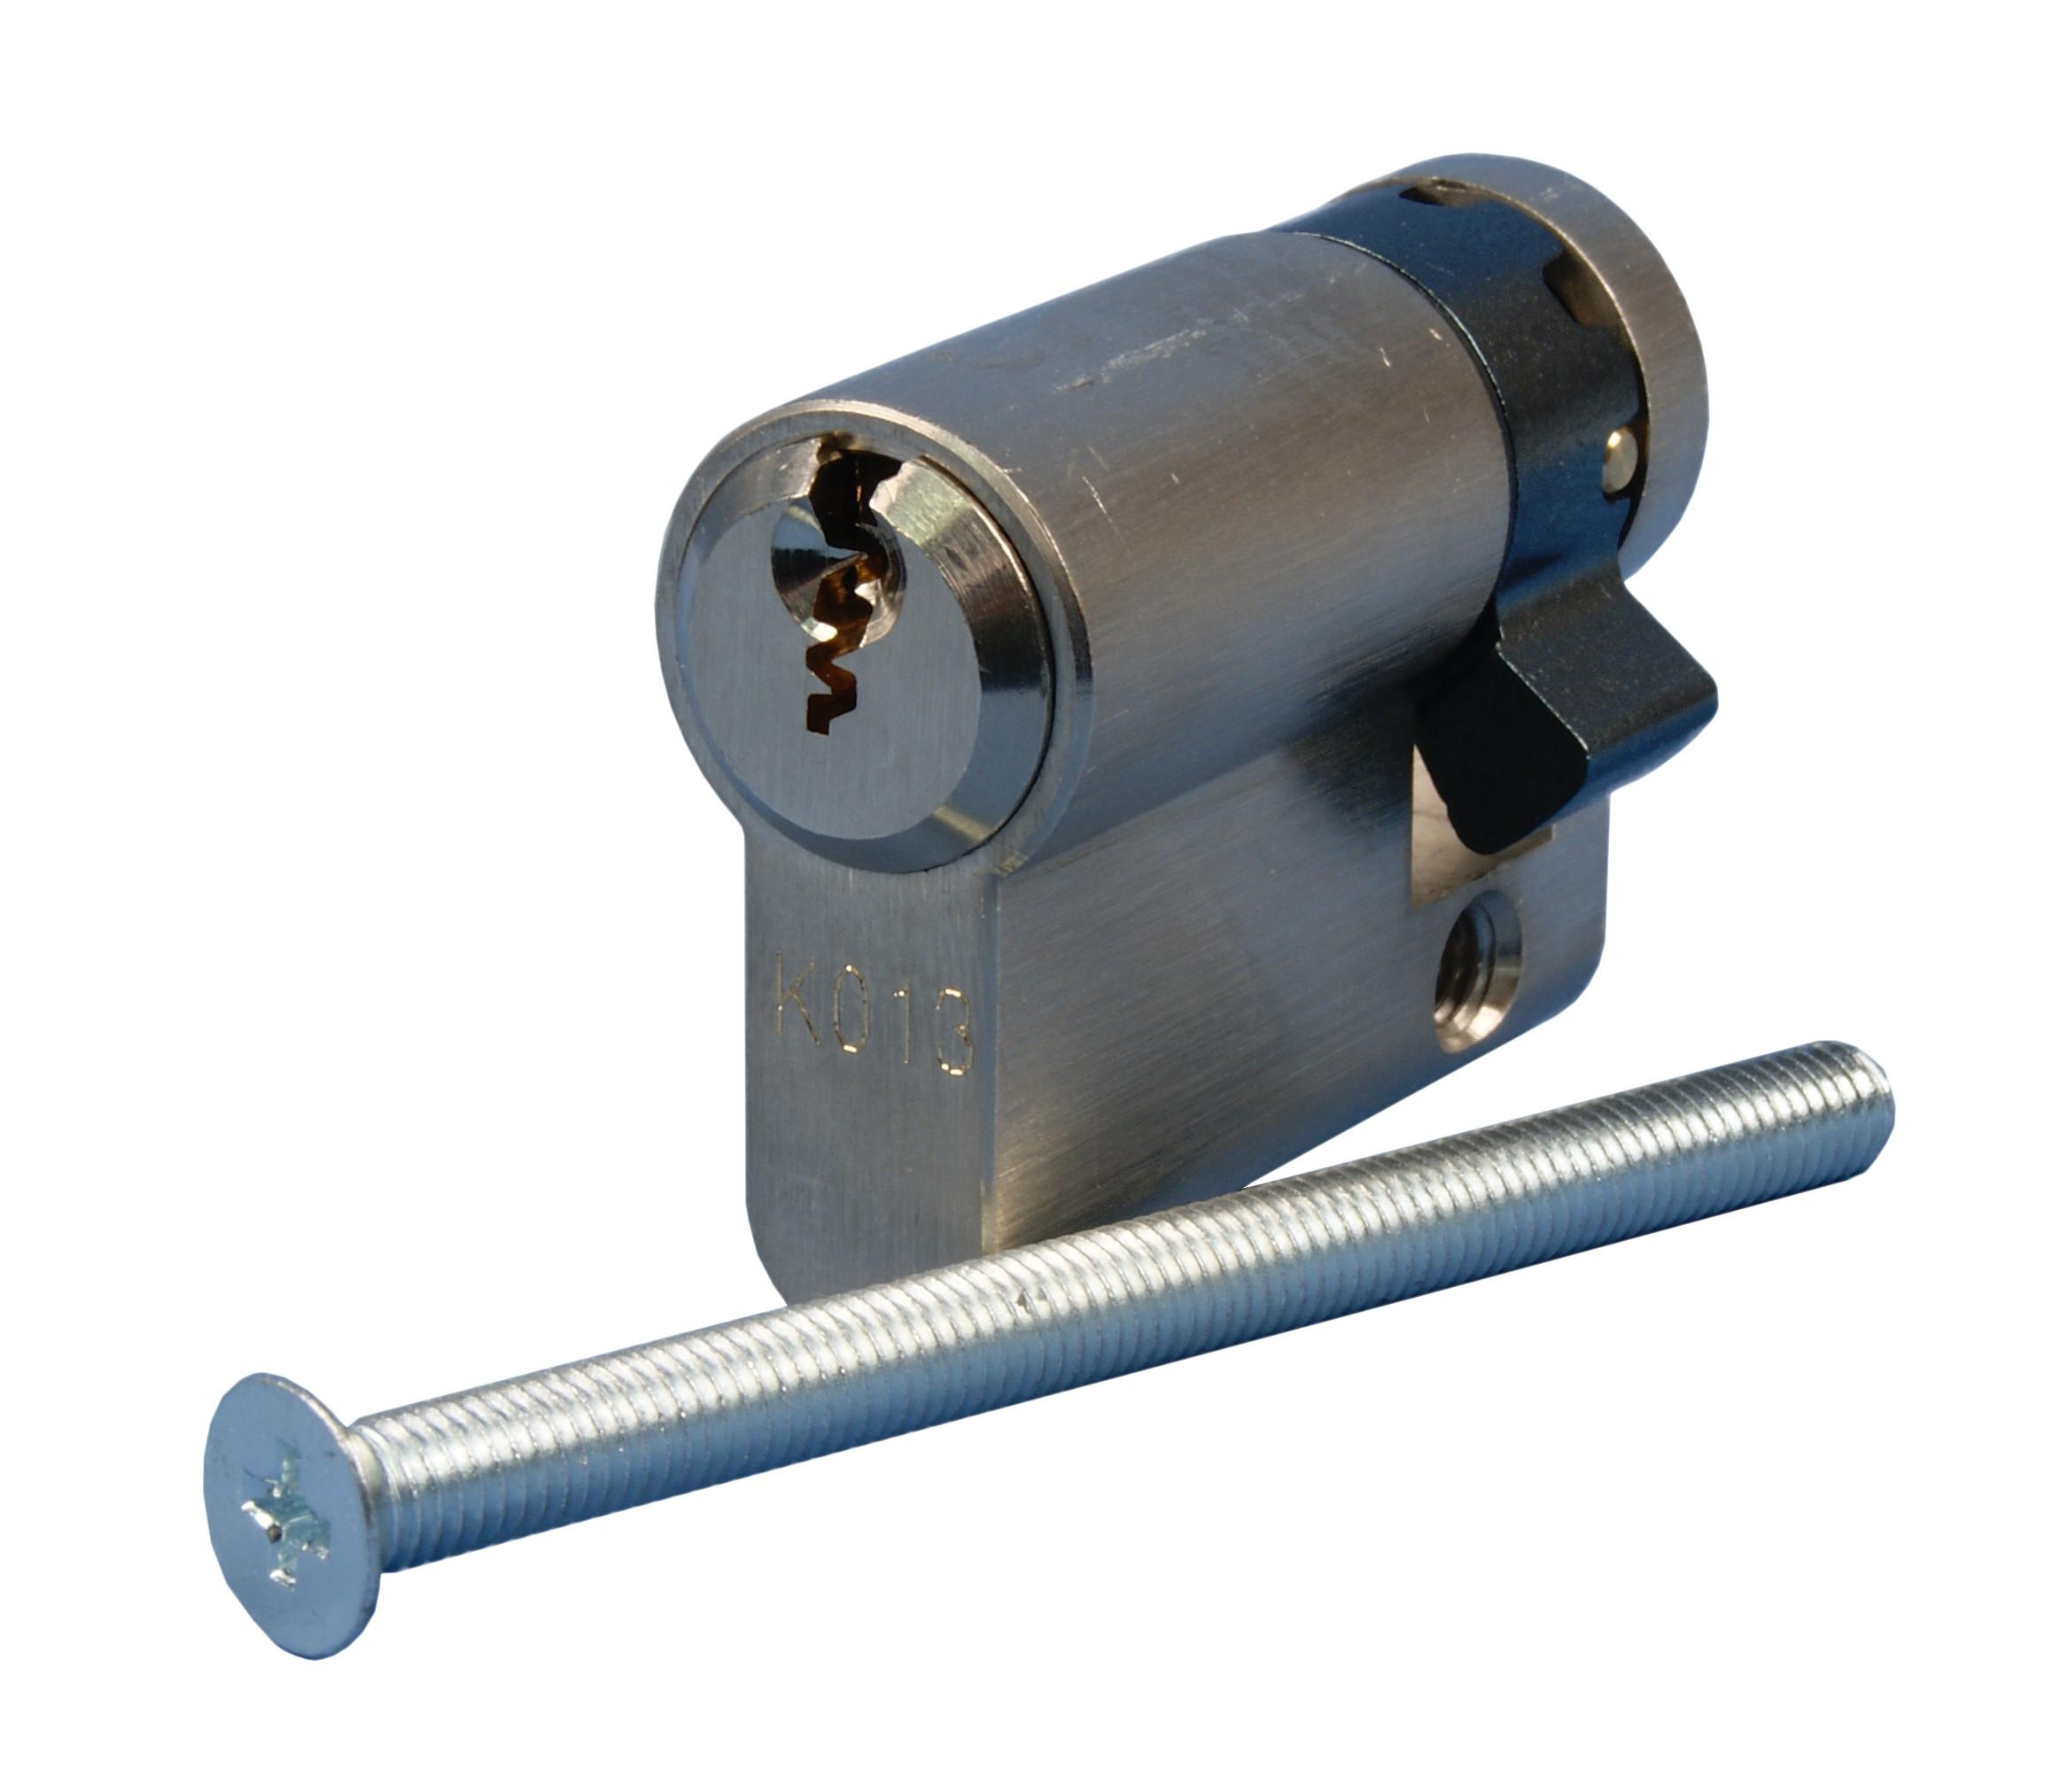 1 Stk K013 Einbauhalbzylinder IG714046--